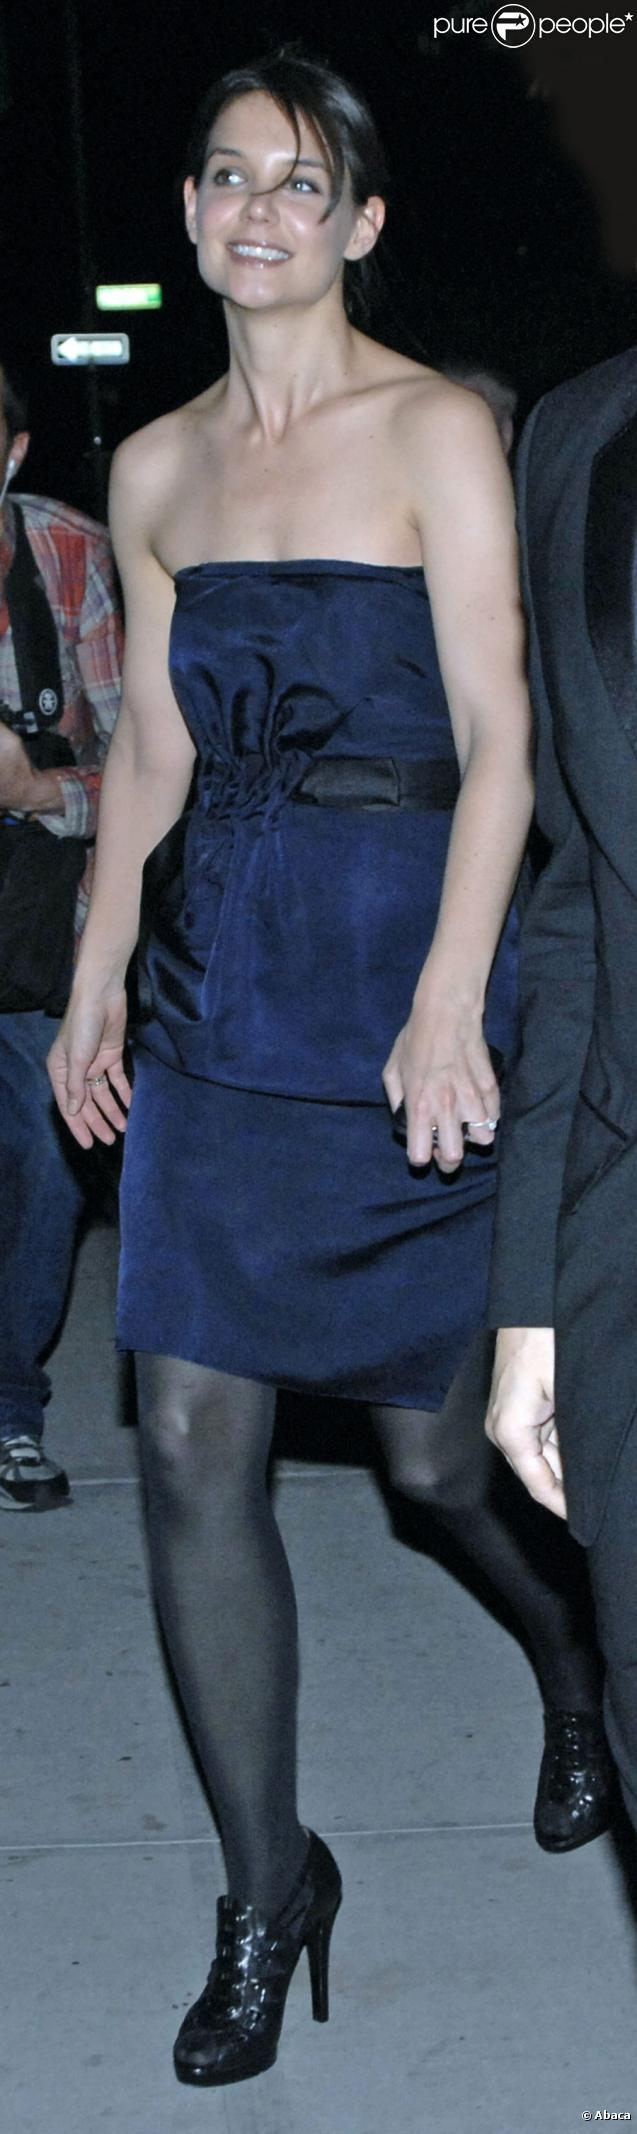 Katie Holmes, habillée par Lanvin, allant dîner le 8 novembre 2009 à New York... avec un joli sourire !